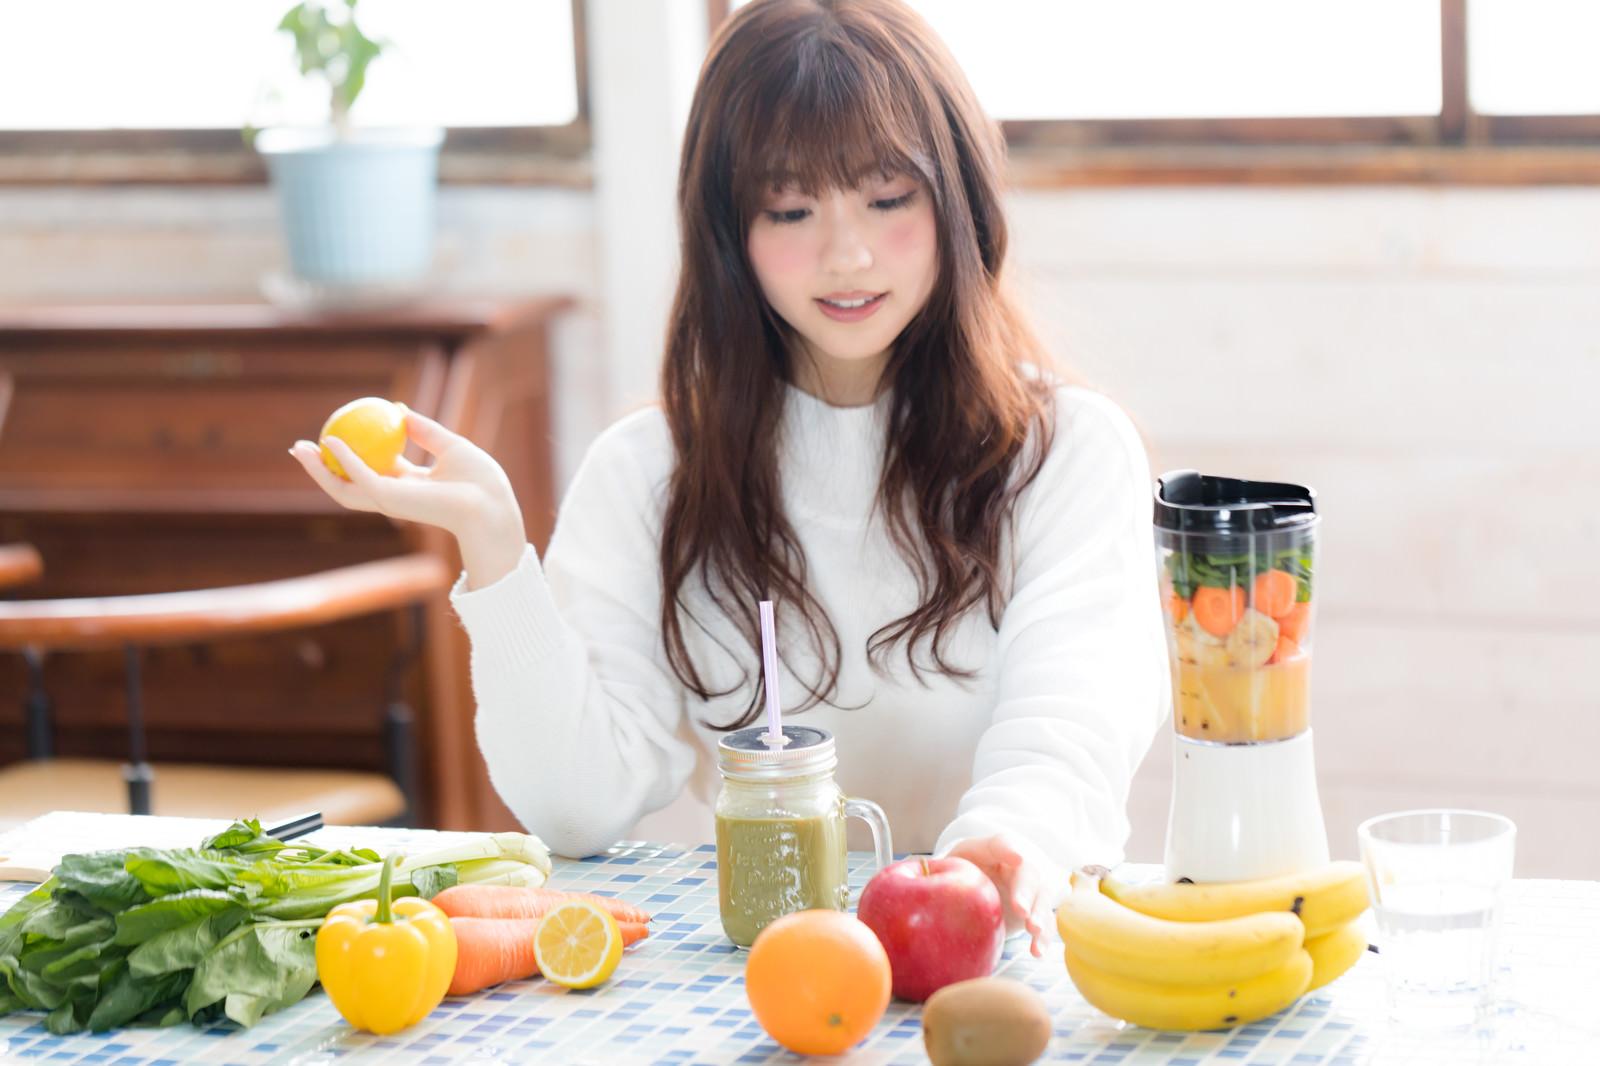 「スムージー用の果物を手に取る女性スムージー用の果物を手に取る女性」[モデル:河村友歌]のフリー写真素材を拡大